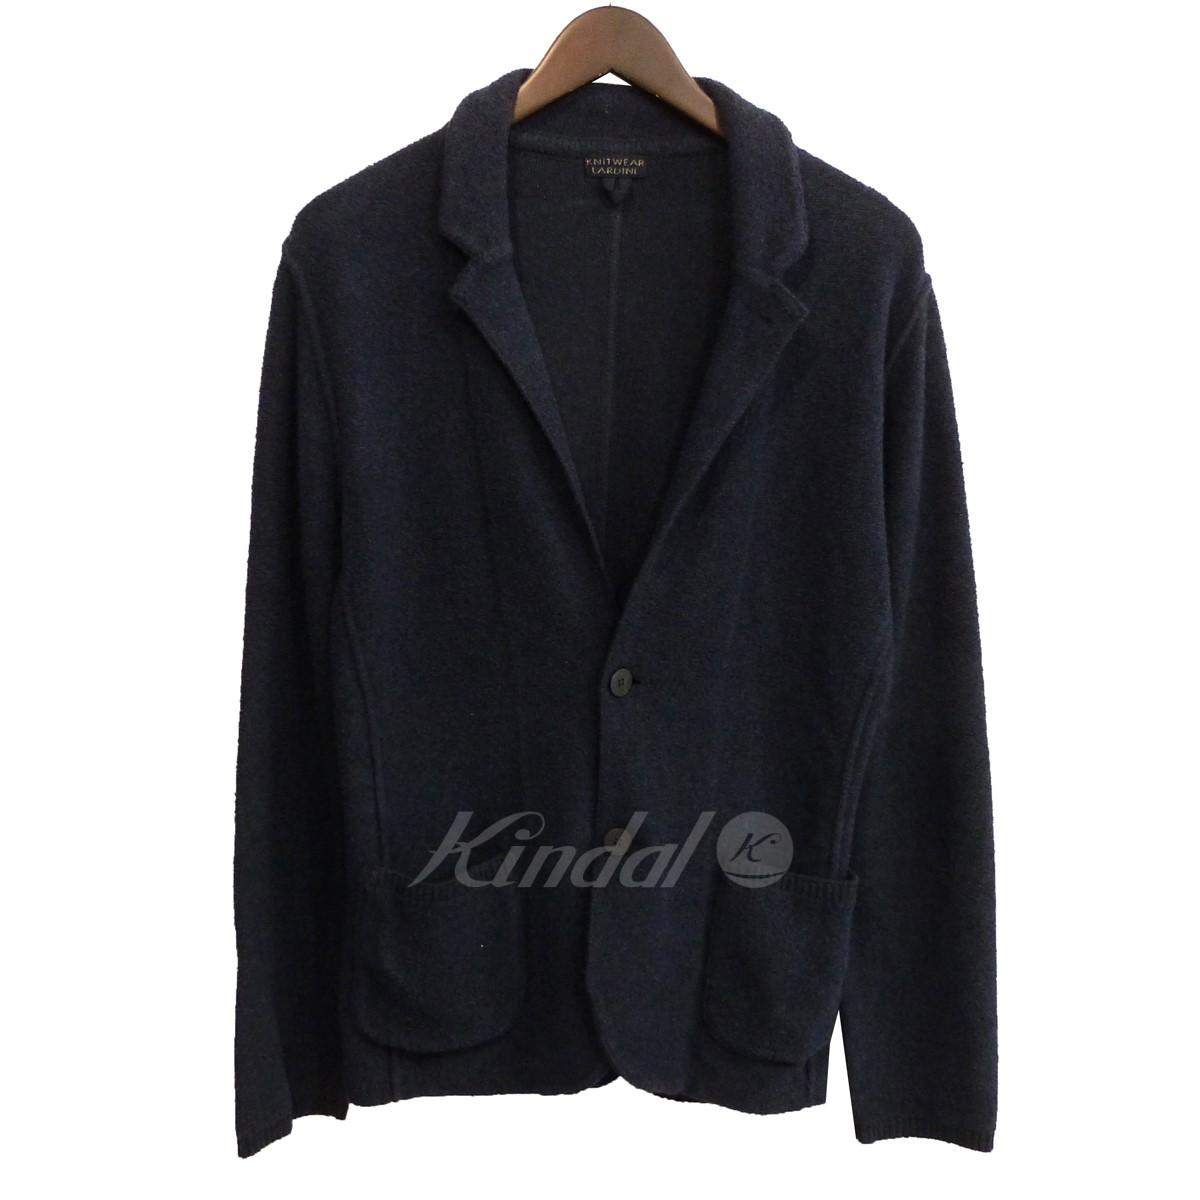 【中古】LARDINI KNITWEAR パイルノッチドラペル2Bジャケット ネイビー サイズ:S 【240120】(ラルディーニ)